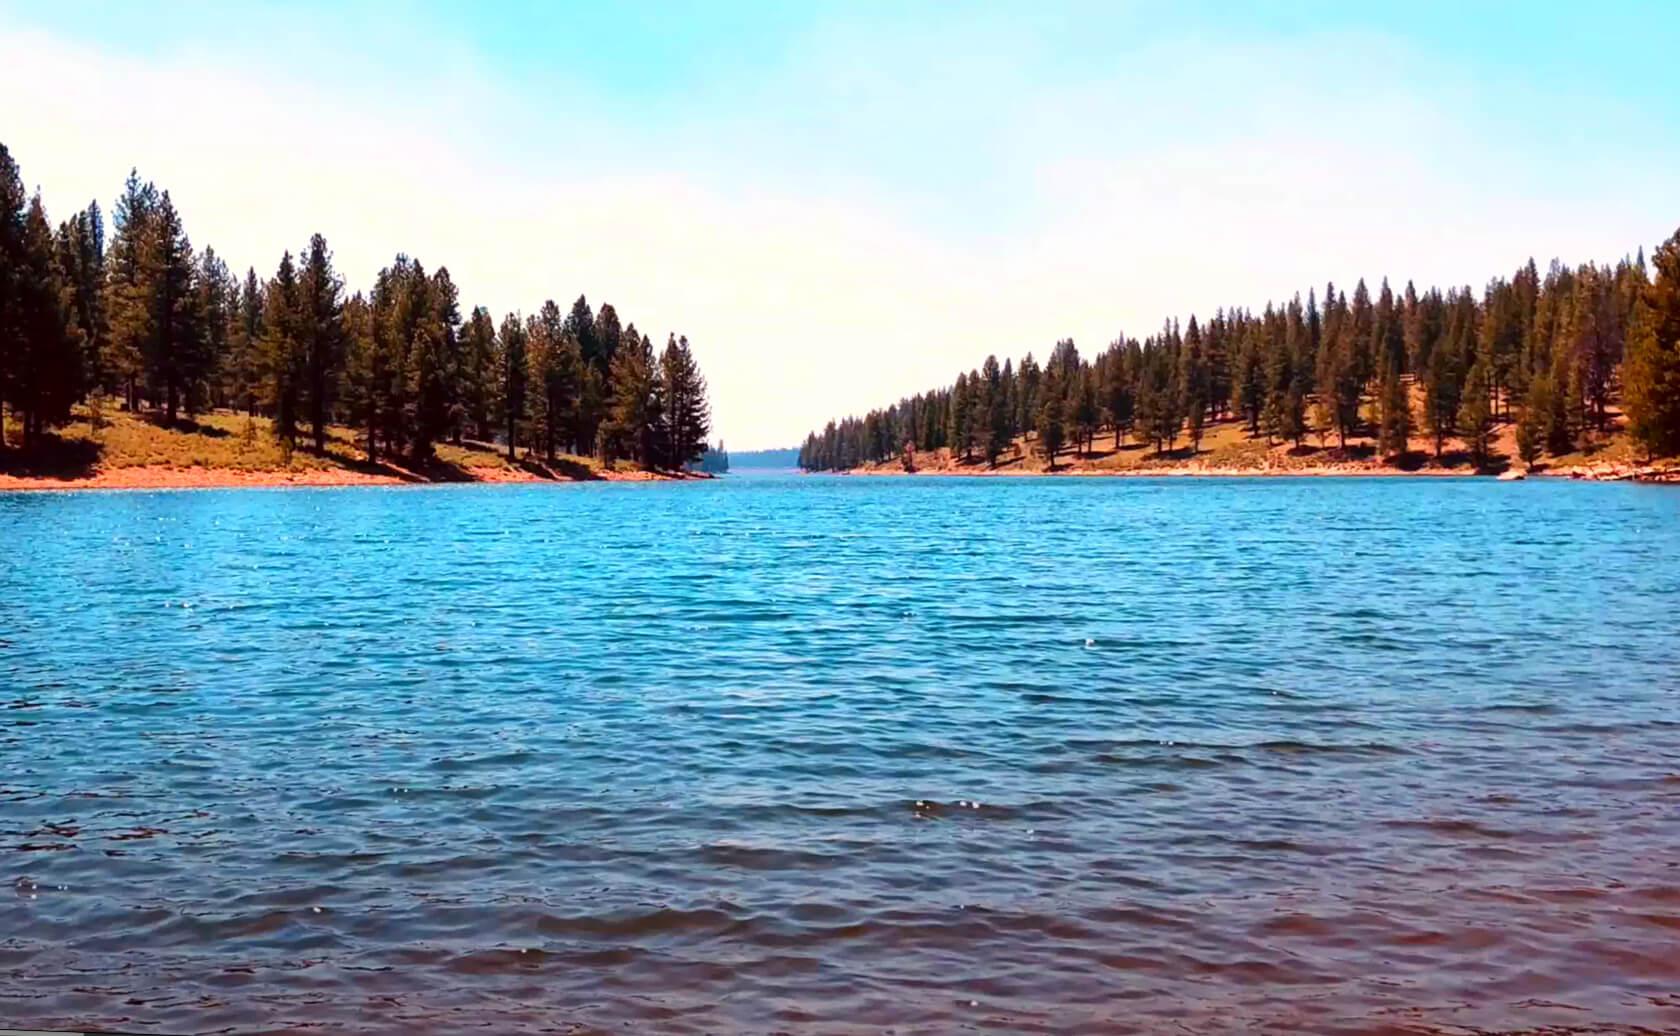 Stampede-Lake-Fishing-Guide-Report-California-05